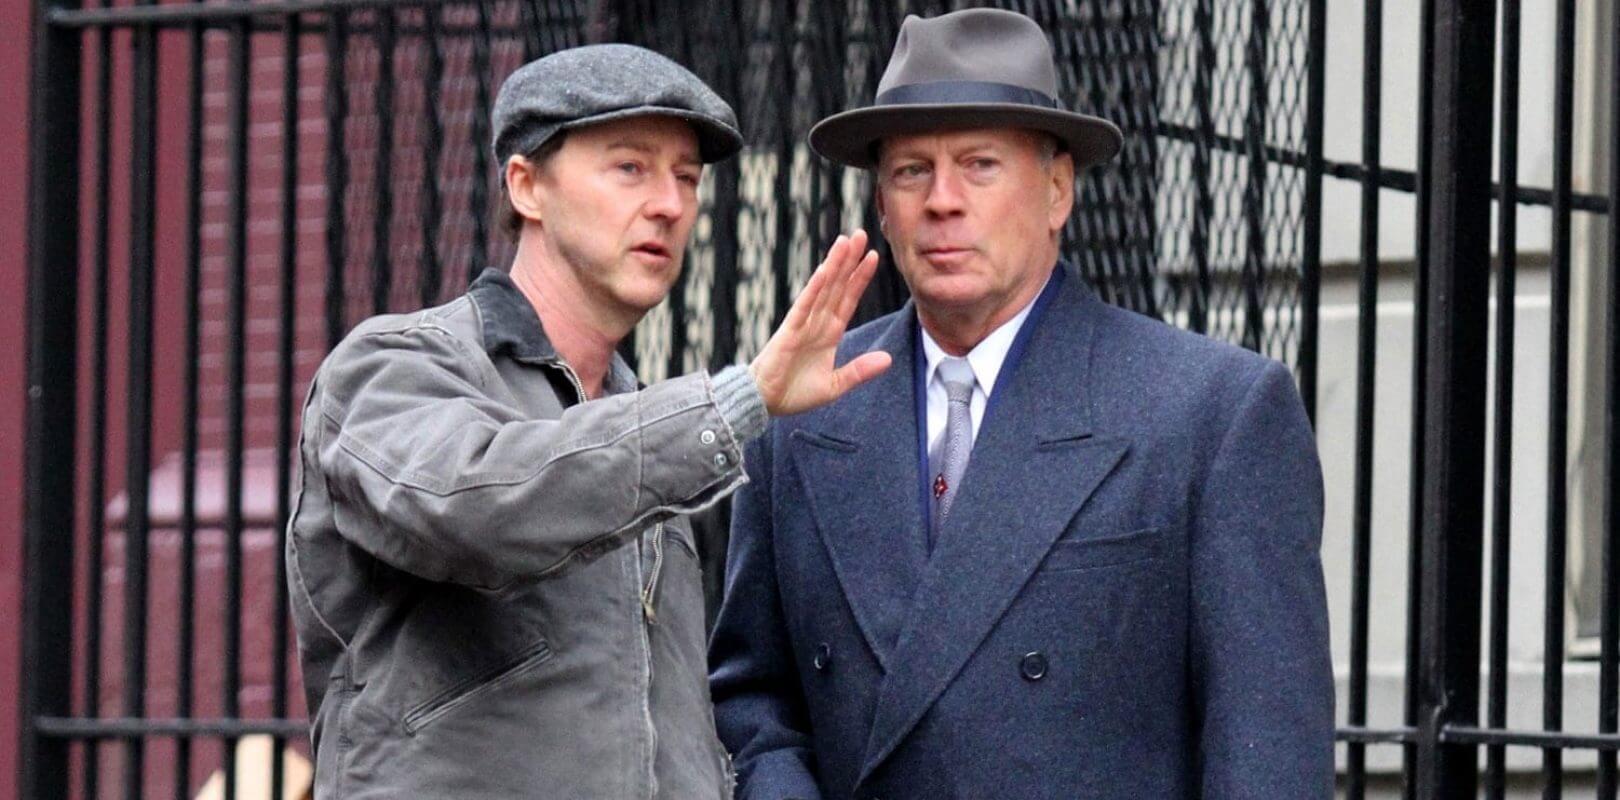 布魯斯威利演出電影《布魯克林孤兒》。